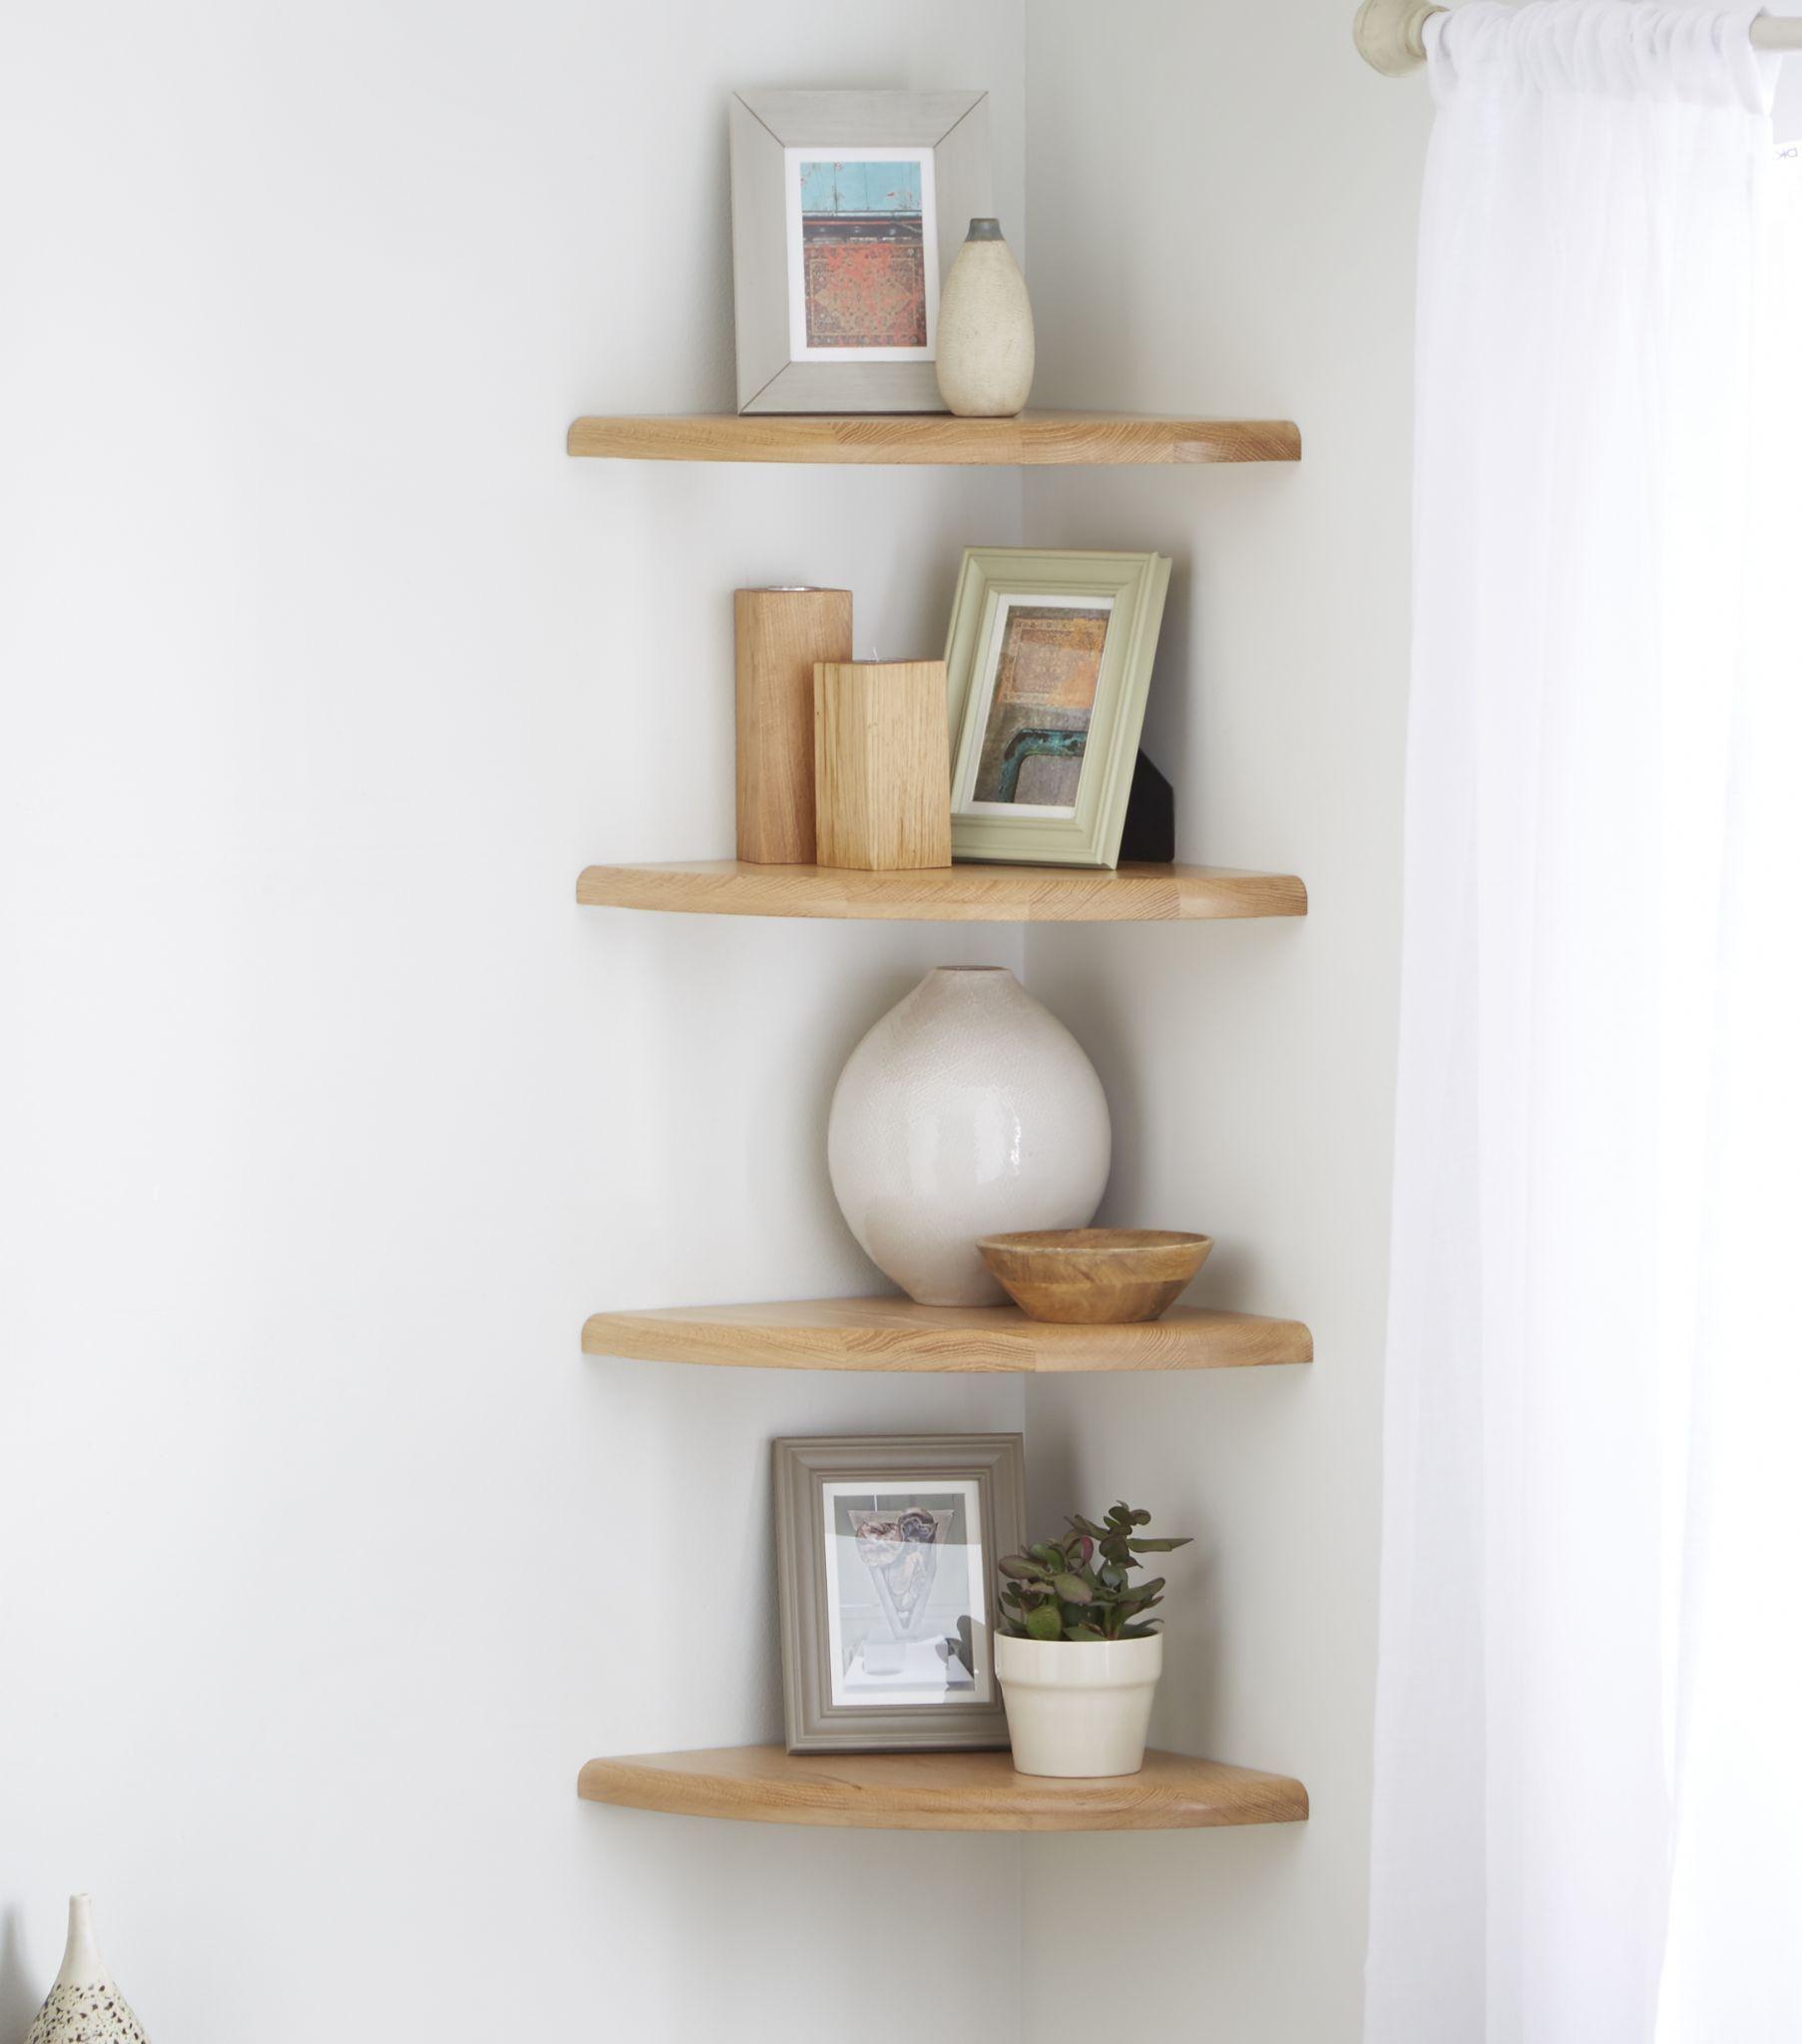 Www Cuisinella Satisfaction Com 17 lovely oak corner shelf design | corner shelf design